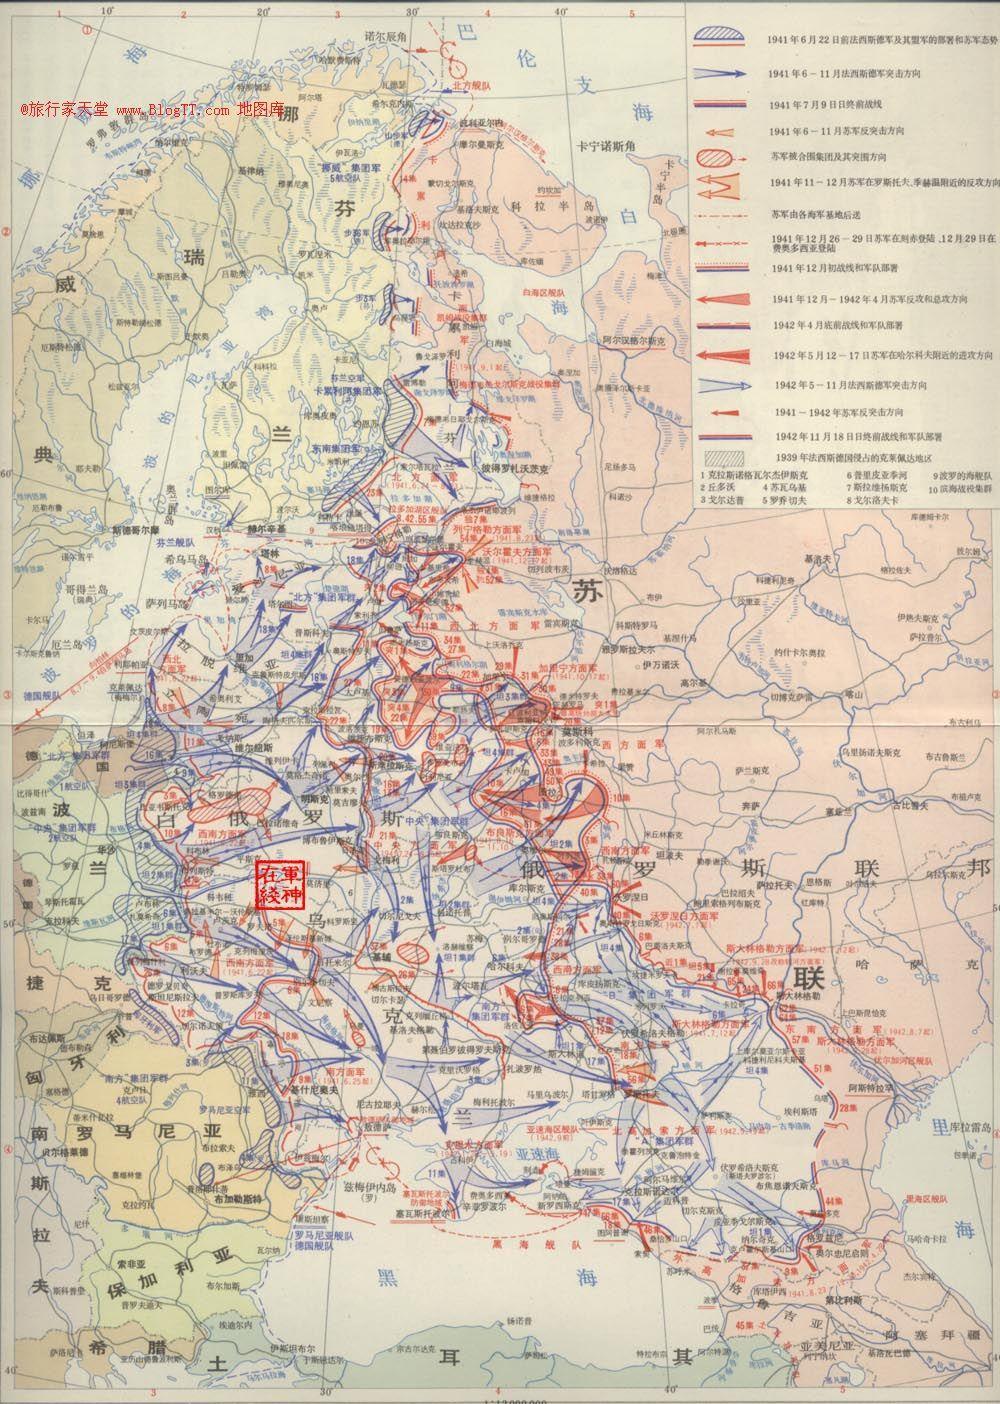 苏德战争地图